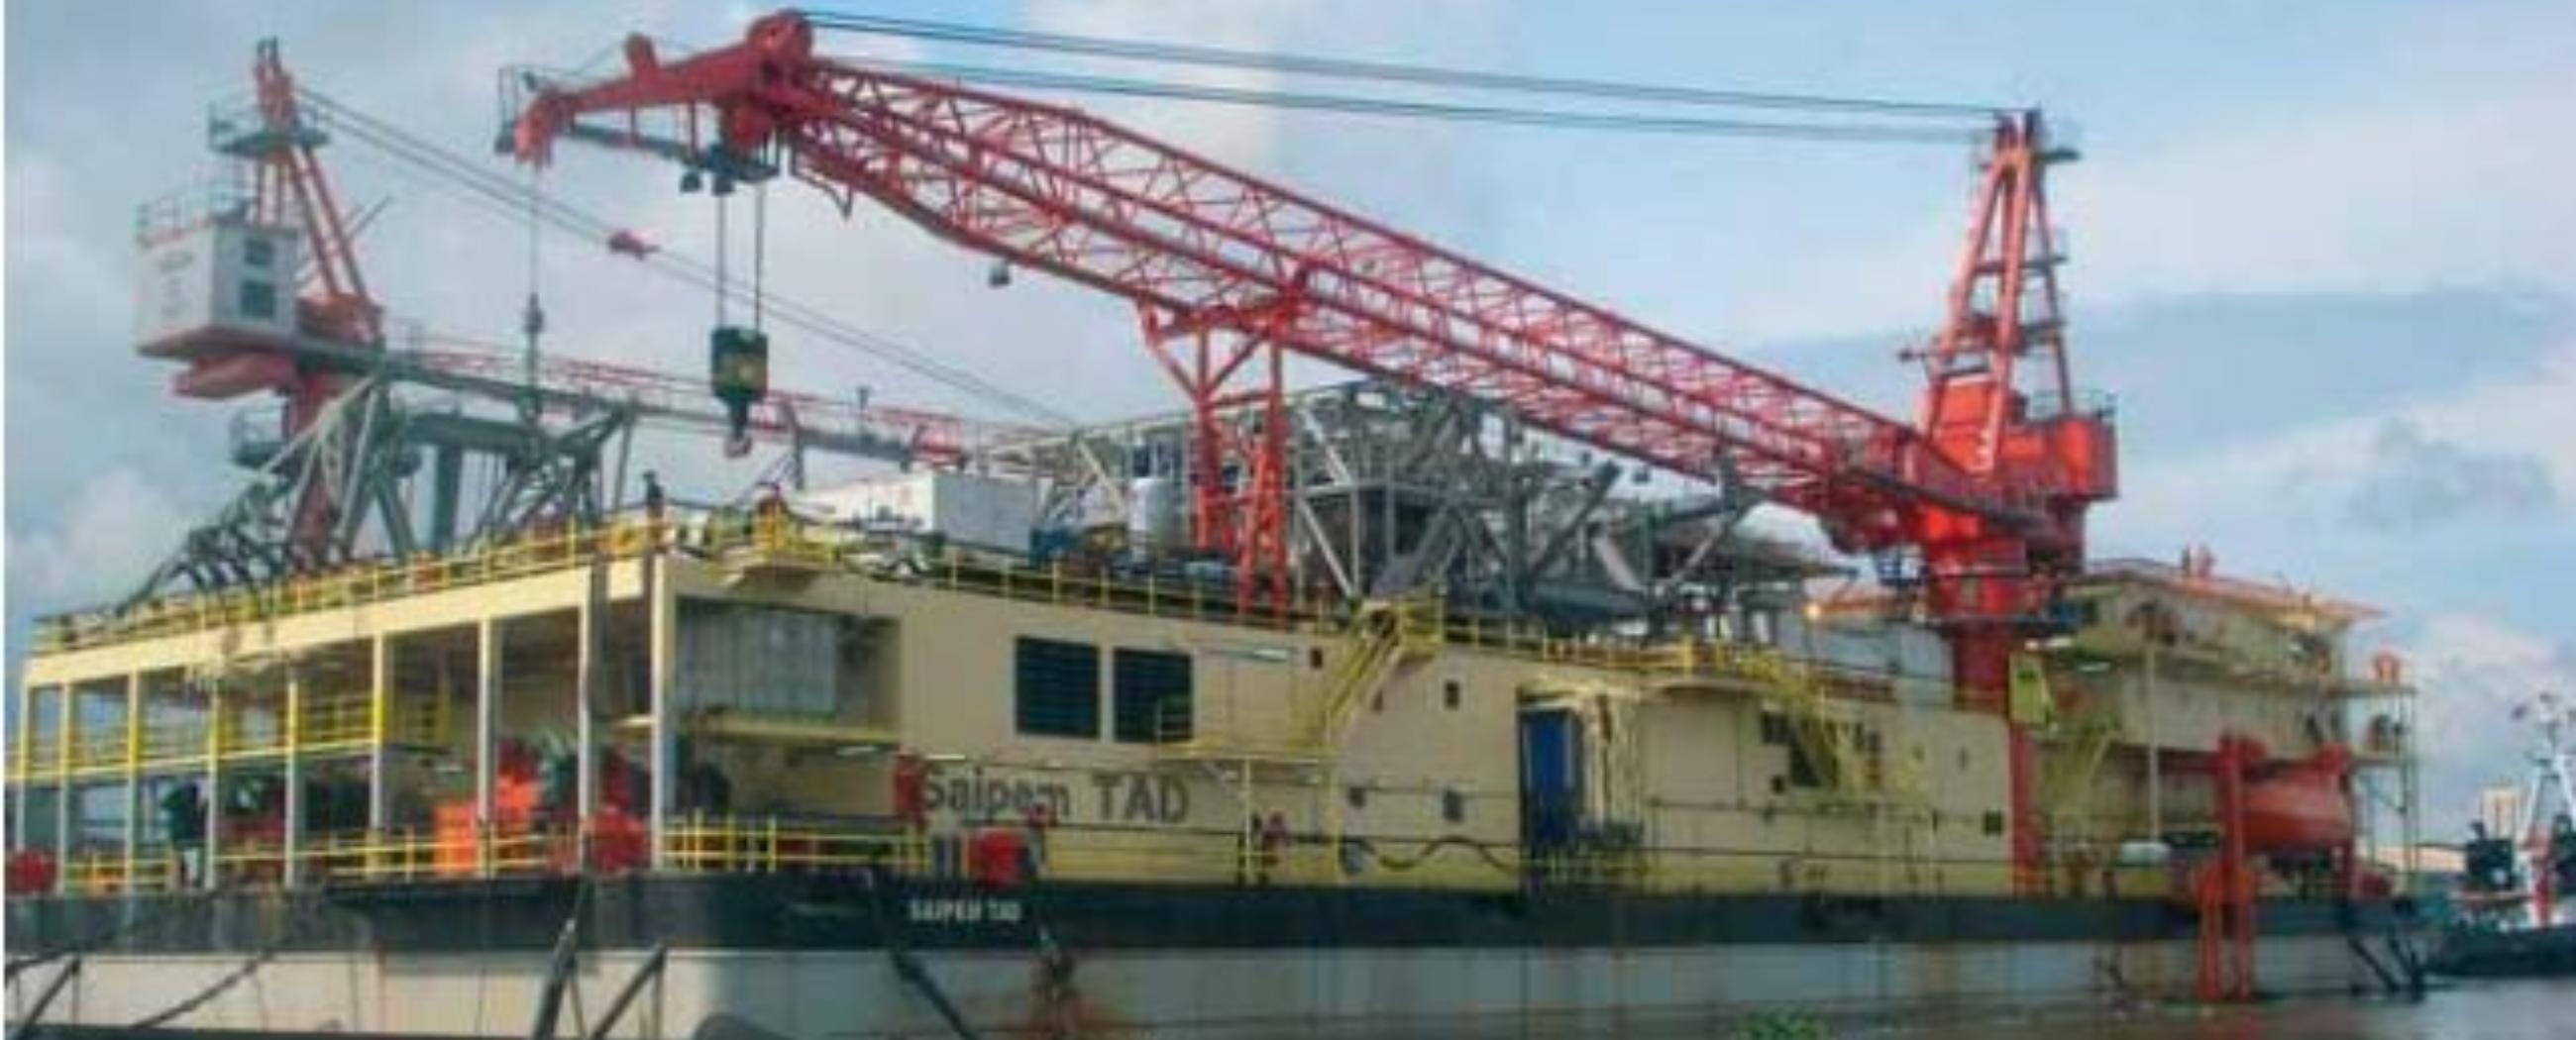 ALP Ippon_Saipem TAD barge towage Congo.jpeg